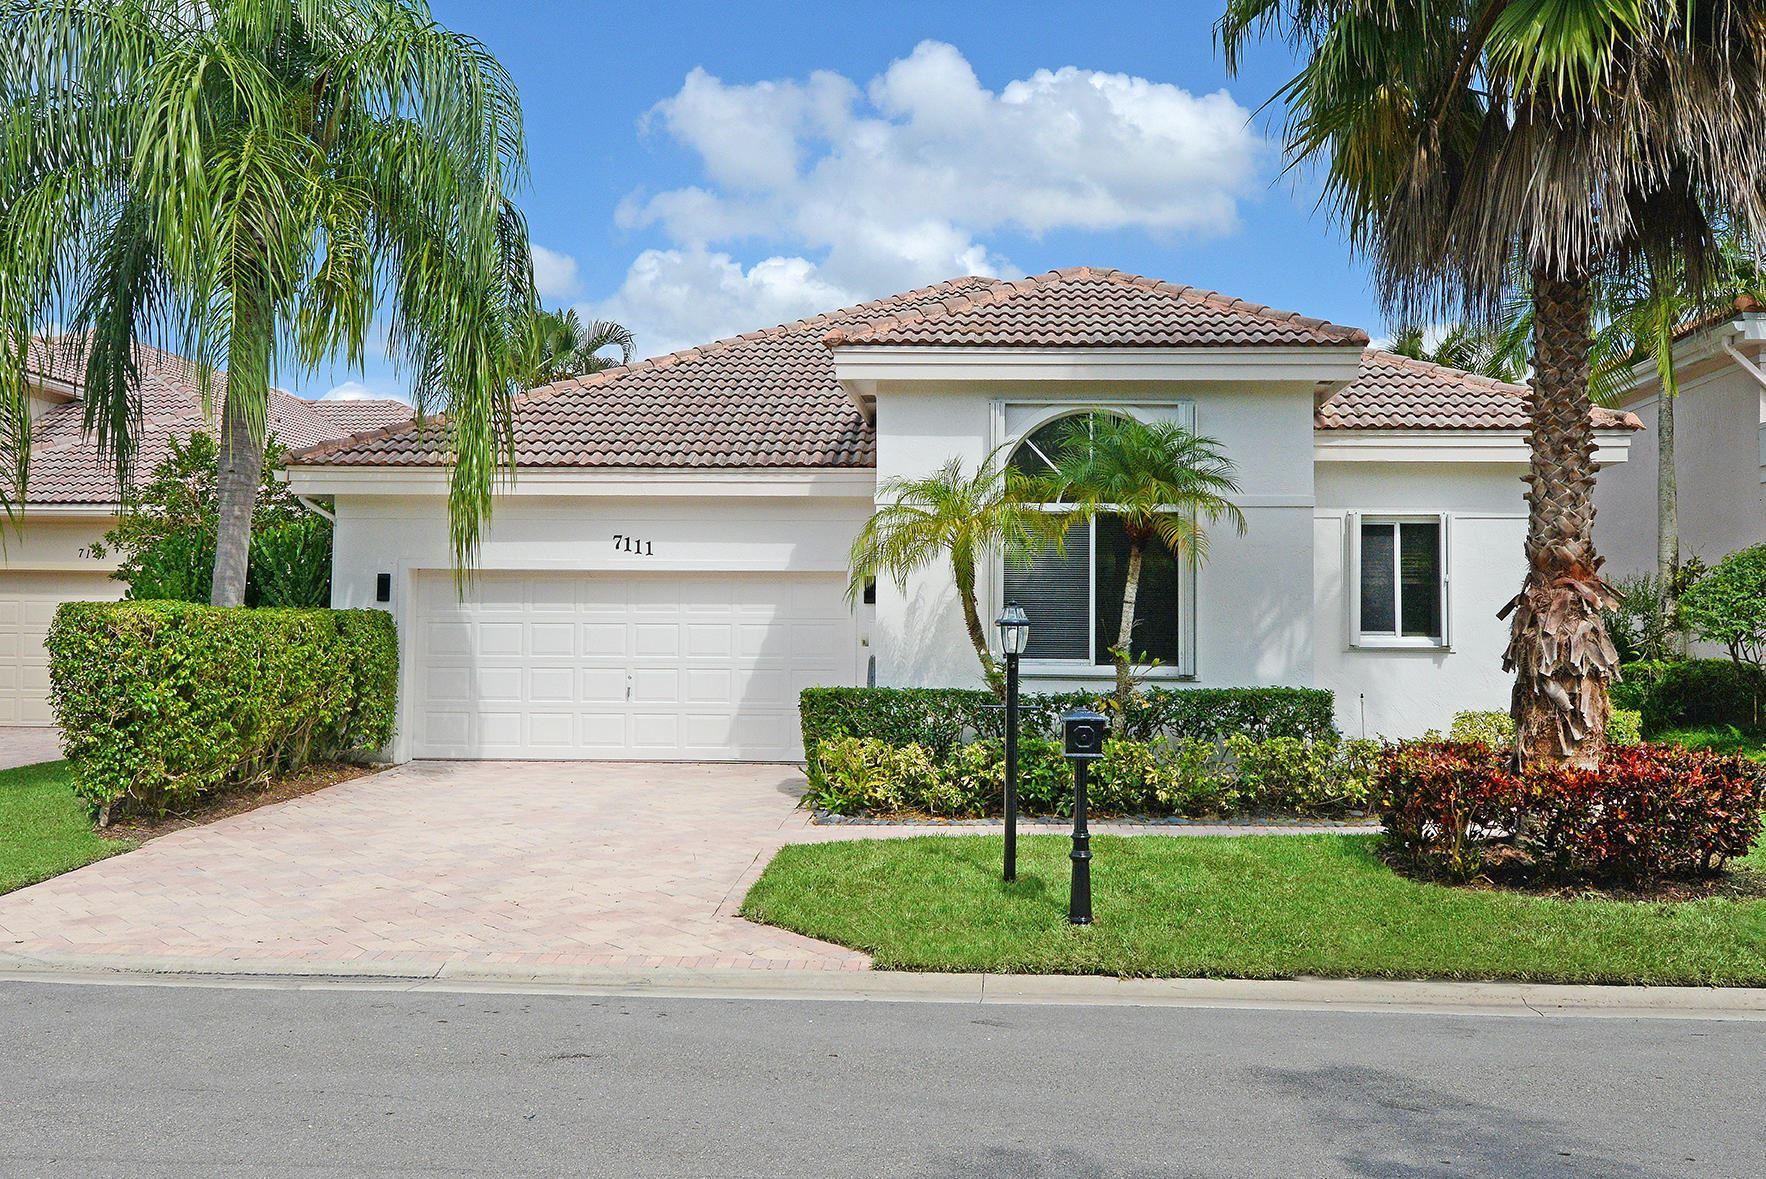 7111 Mallorca Crescent, Boca Raton, FL 33433 - #: RX-10664401